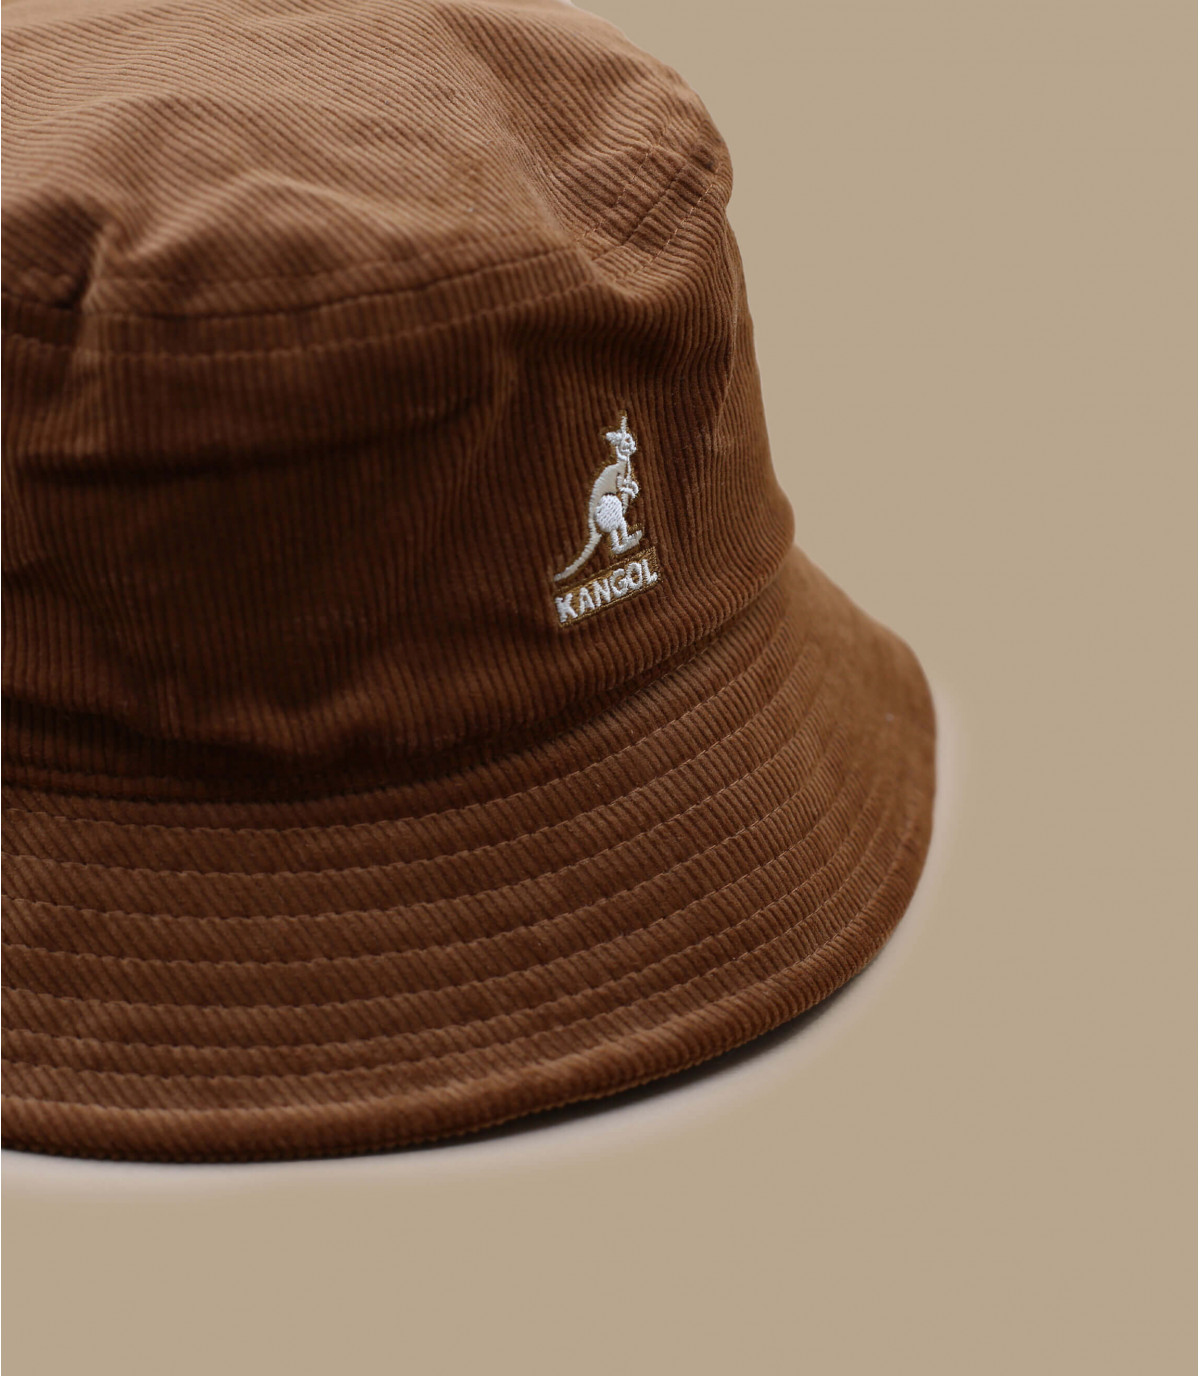 Brown velvet bucket hat Kangol.